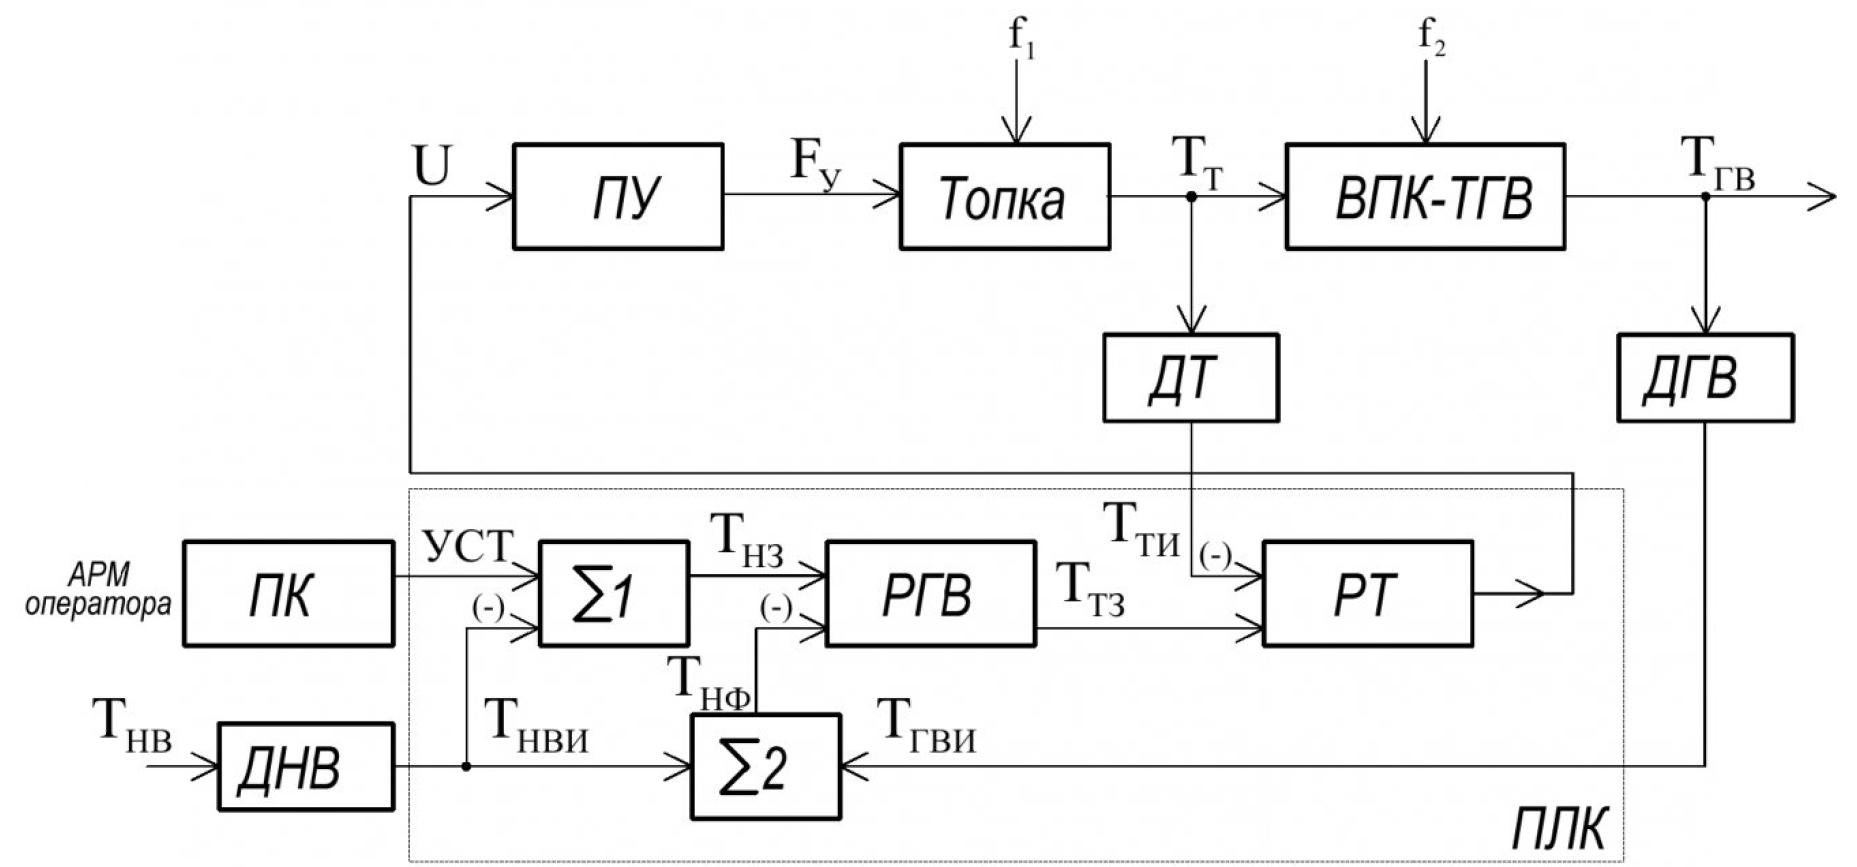 Автоматическое управление подачей угля в топку водогрейного котла 1